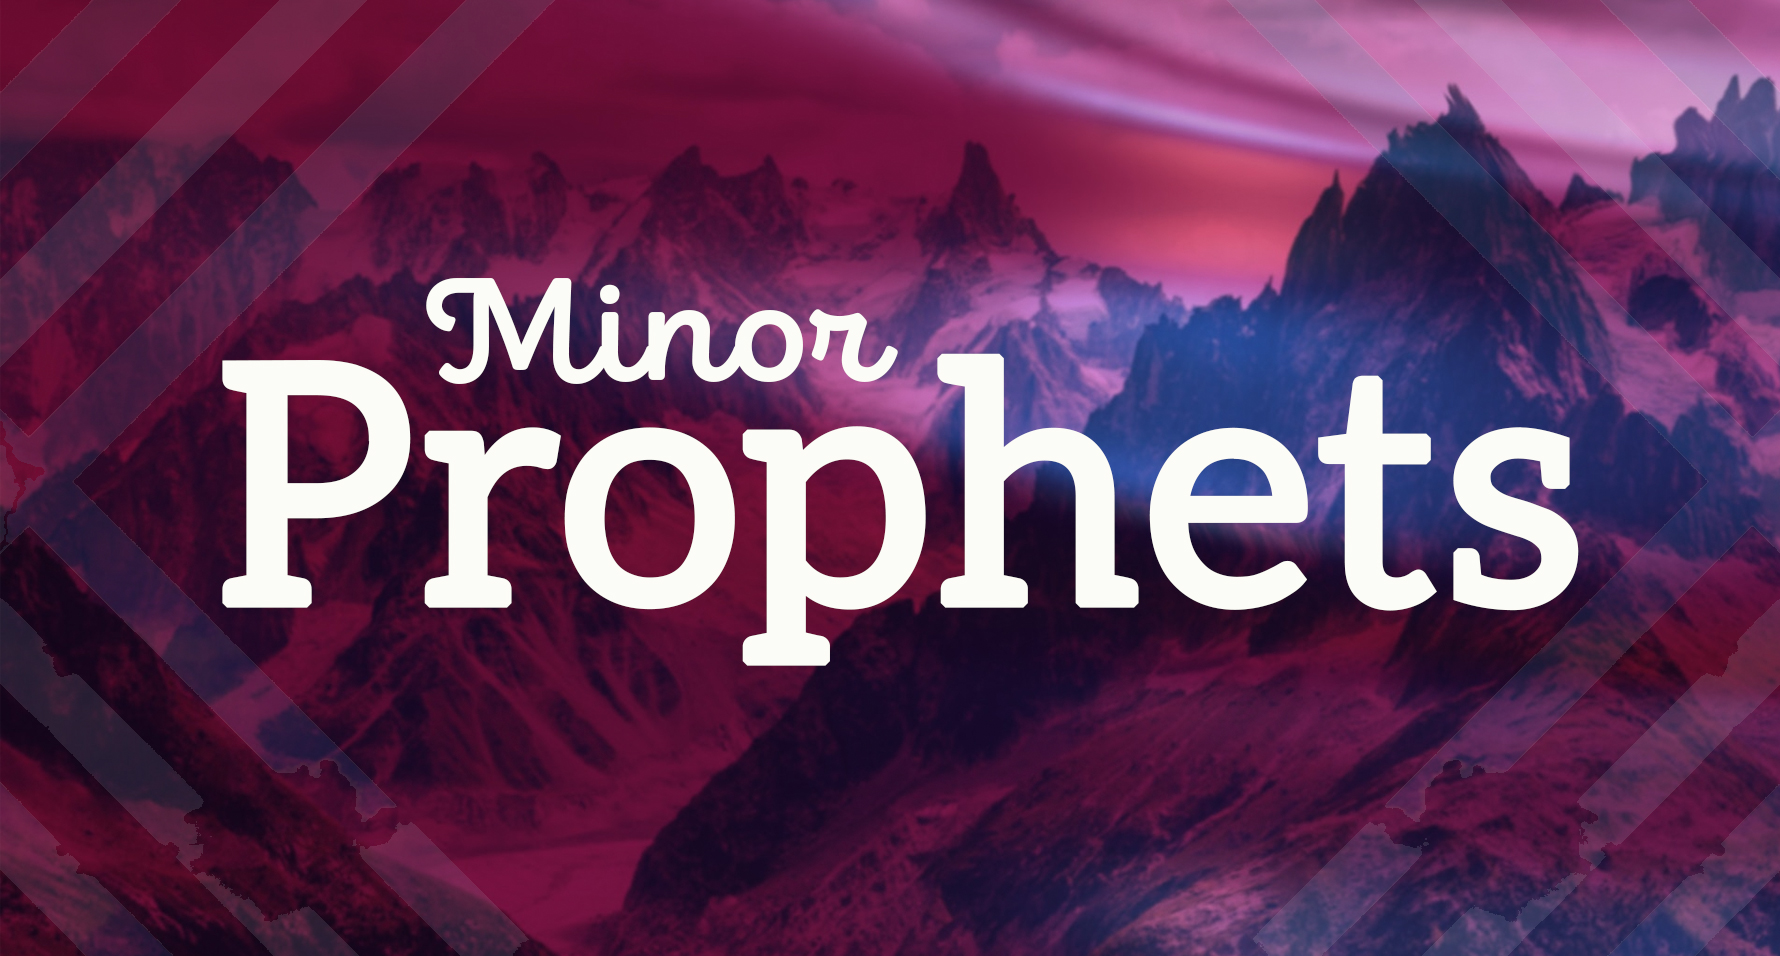 minor-prophets.jpg